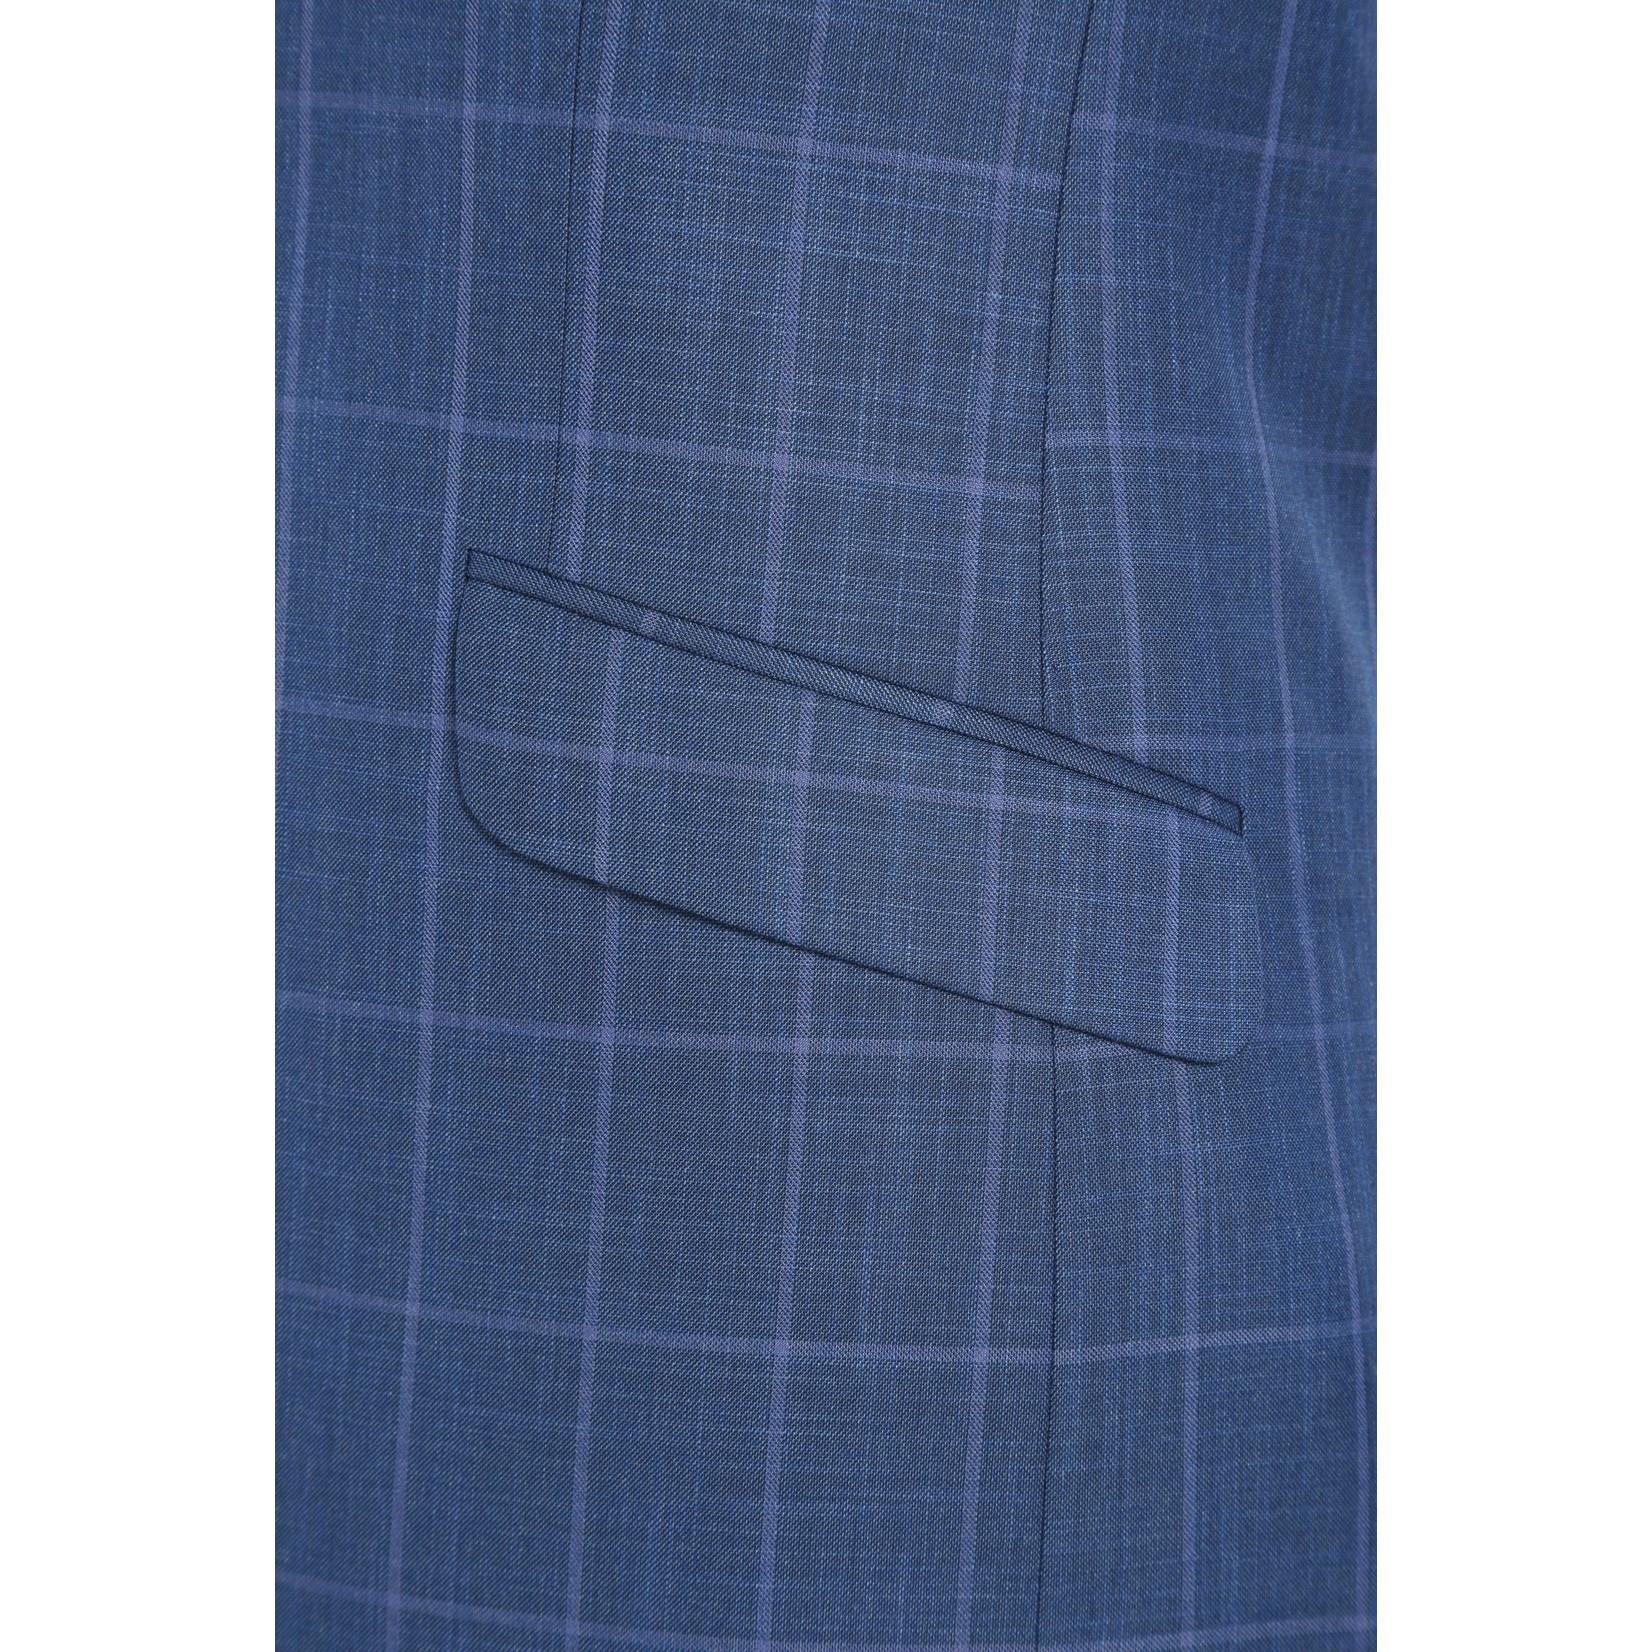 Renoir Renoir Slim Fit Suit 295-2 Blue Pattern